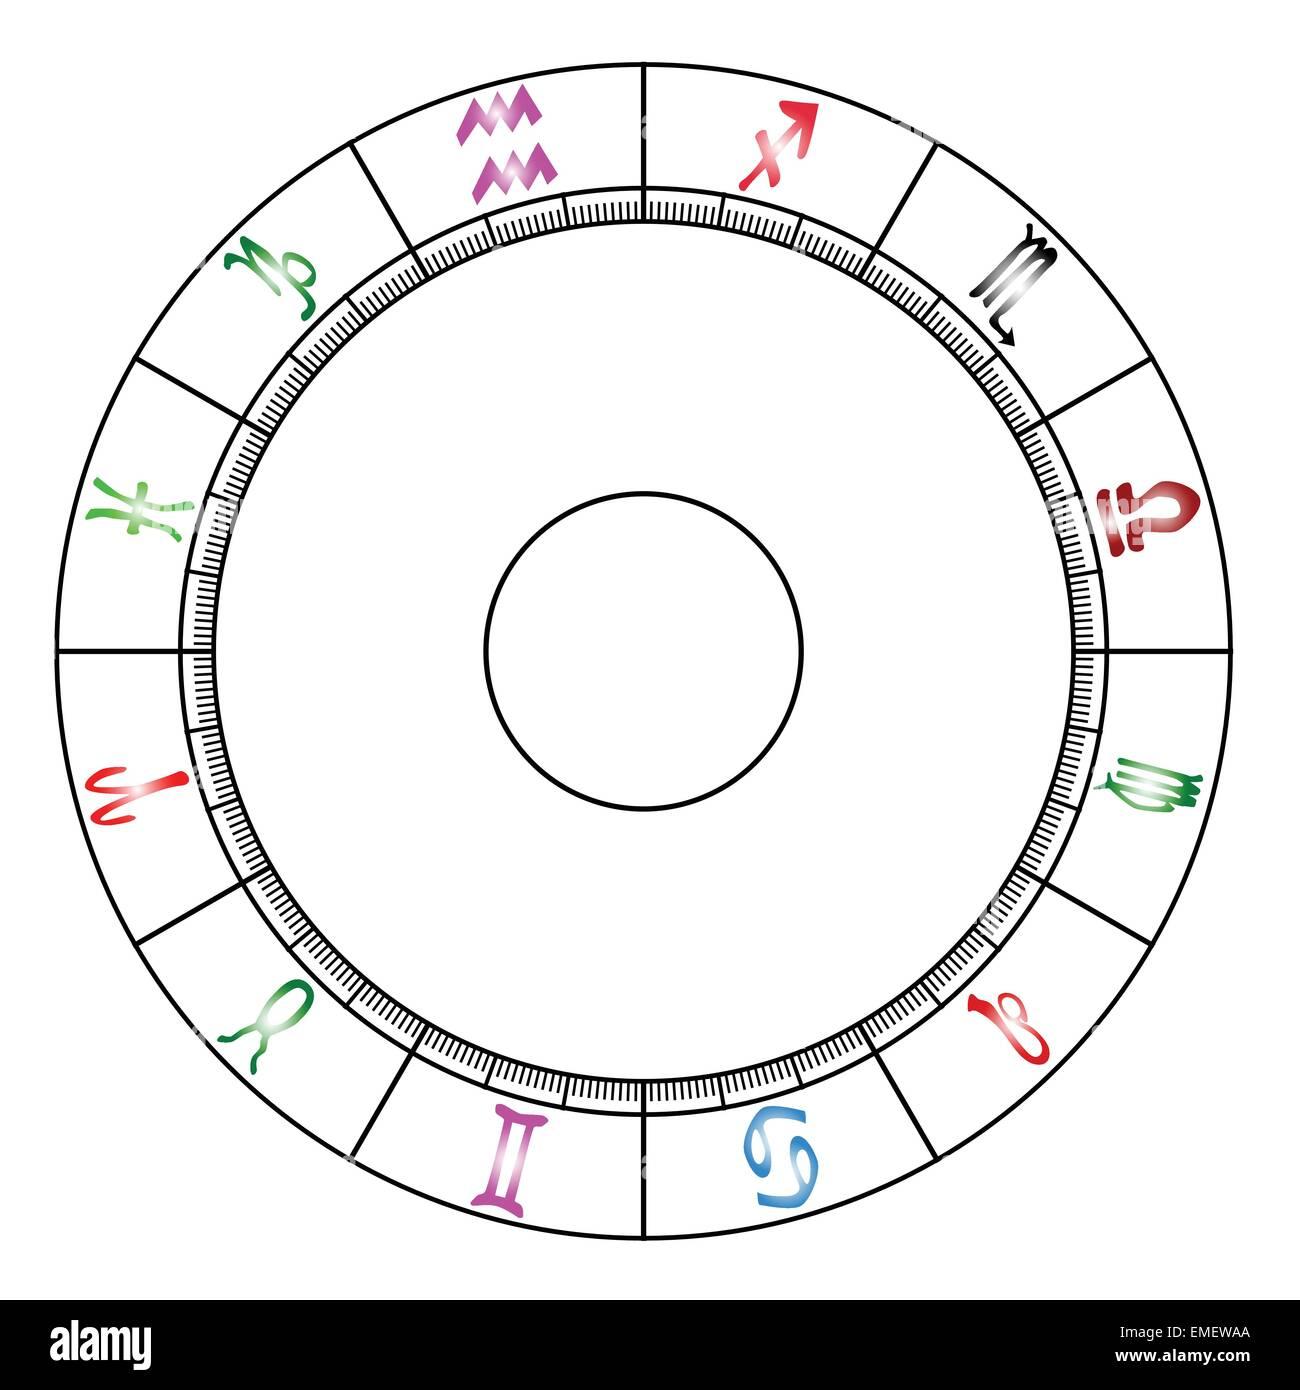 Astrology Chart Stockfotos und  bilder Kaufen   Alamy